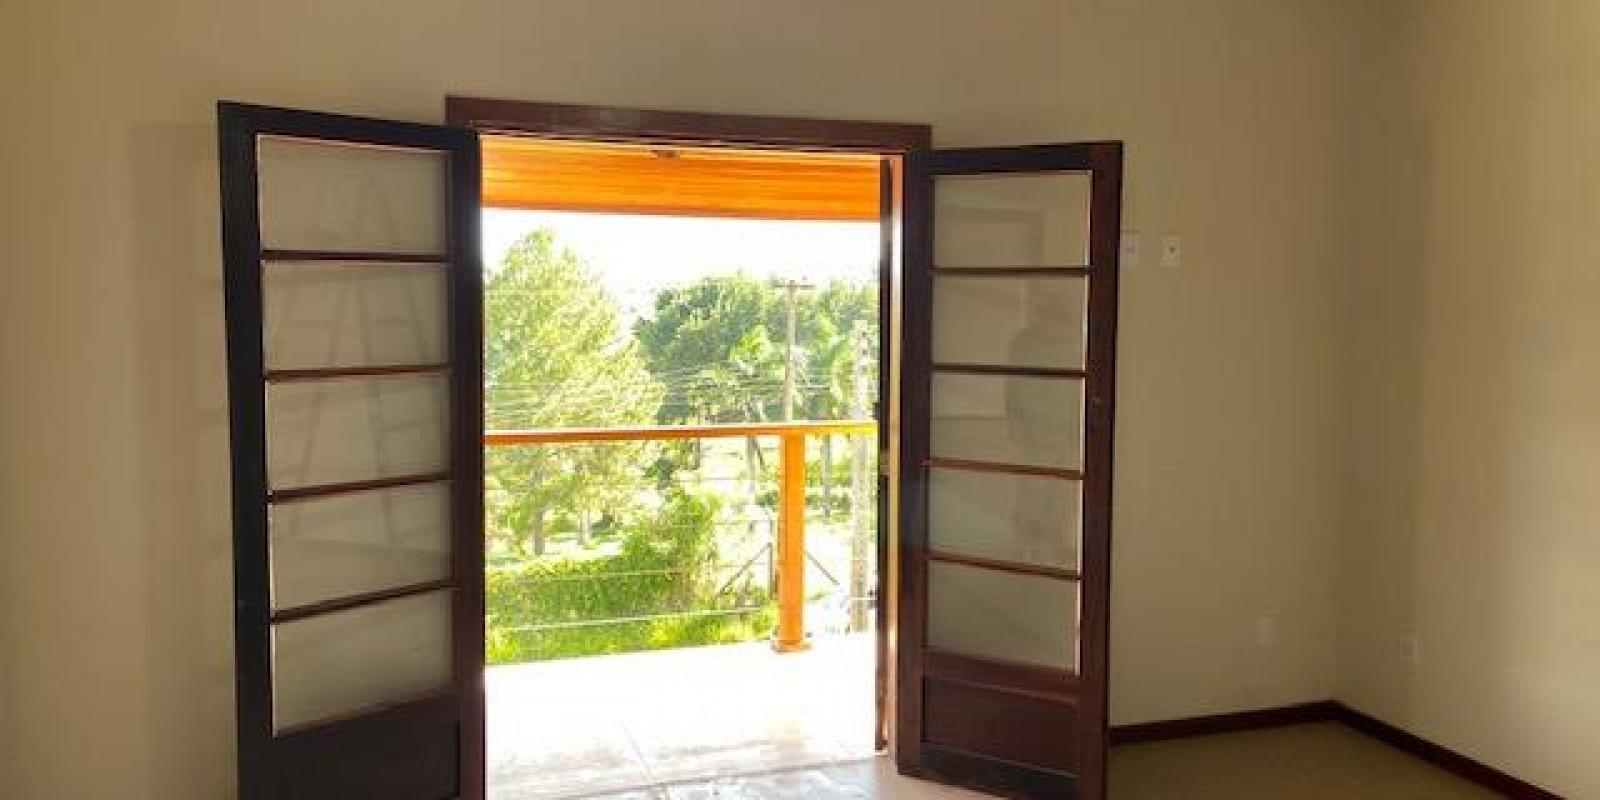 Casa na Represa no Condomínio Estribo em Avaré SP - Foto 13 de 21